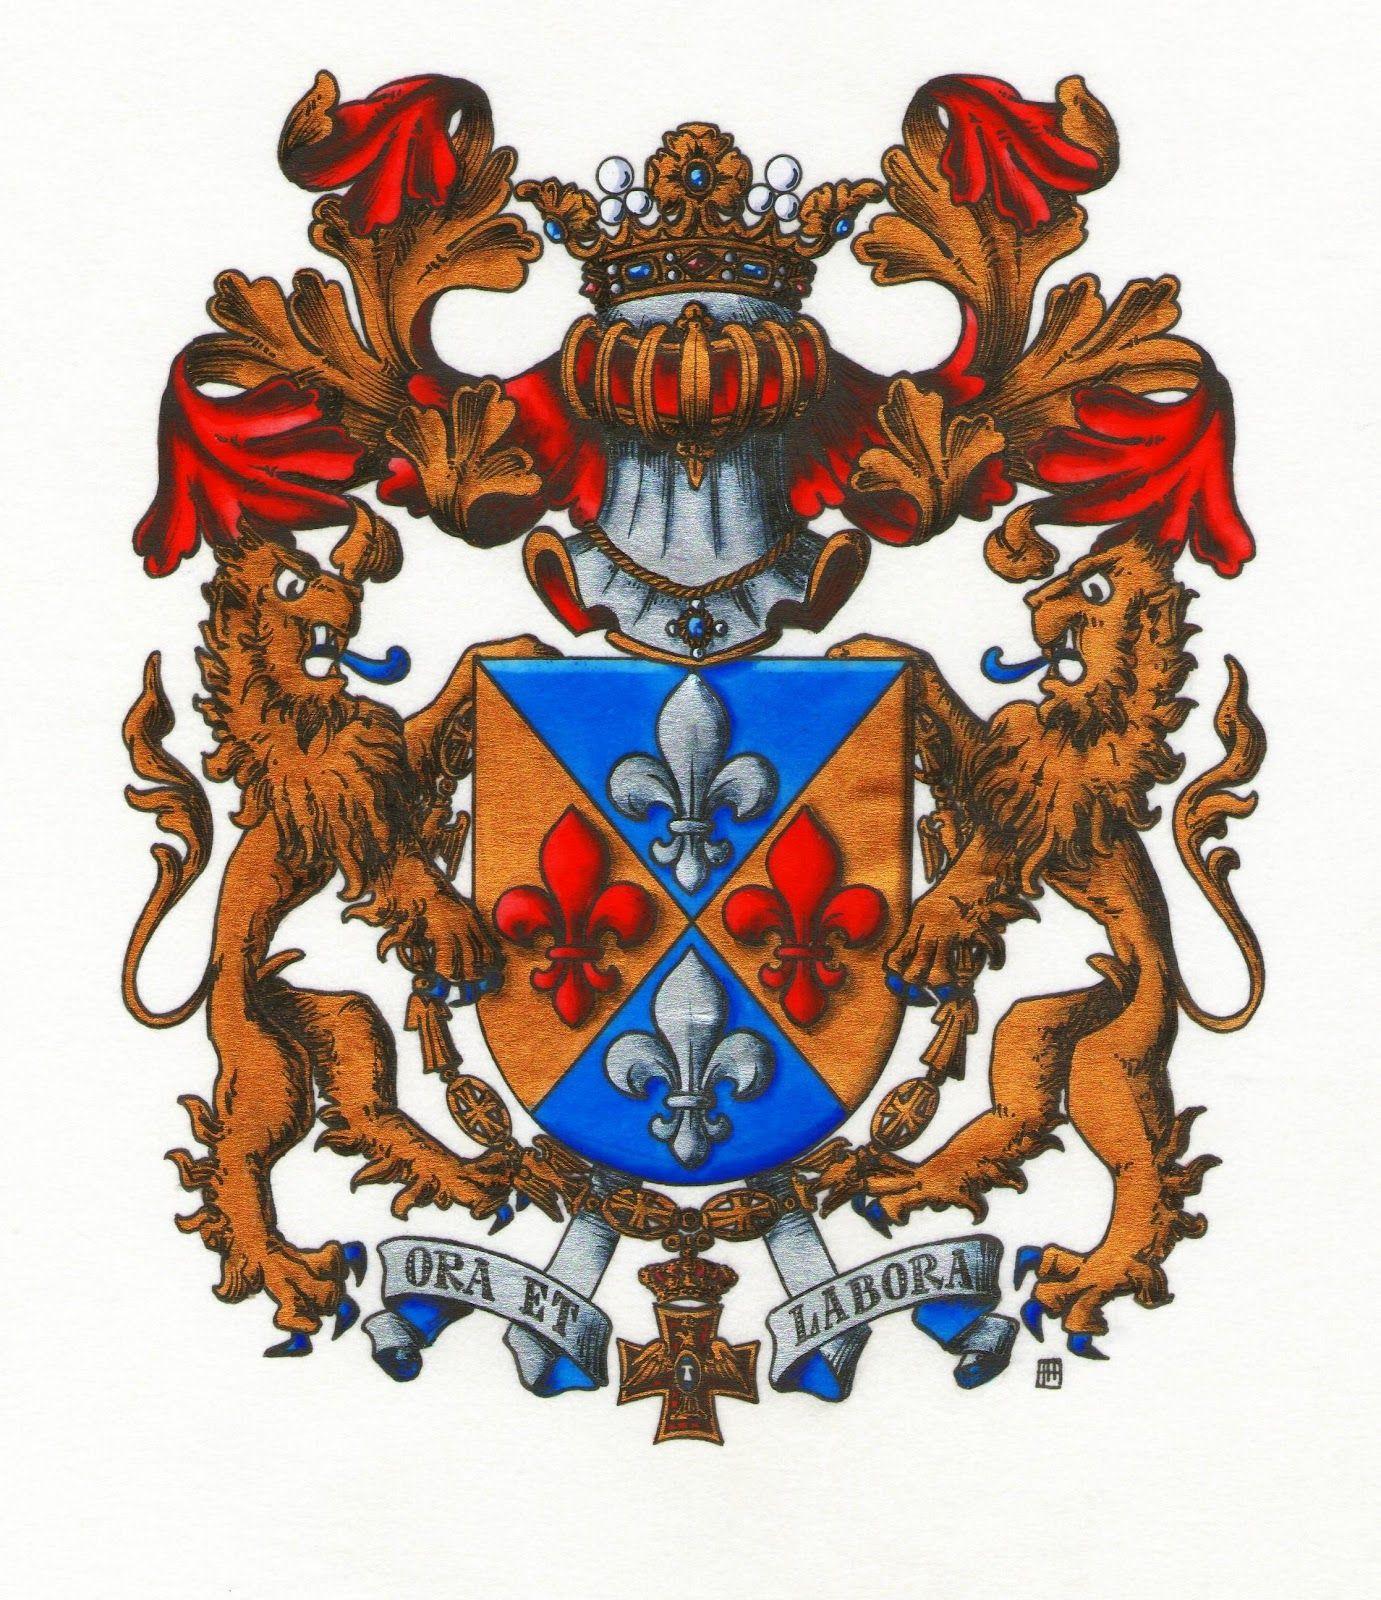 Escudo de D. Rafael Llombart.